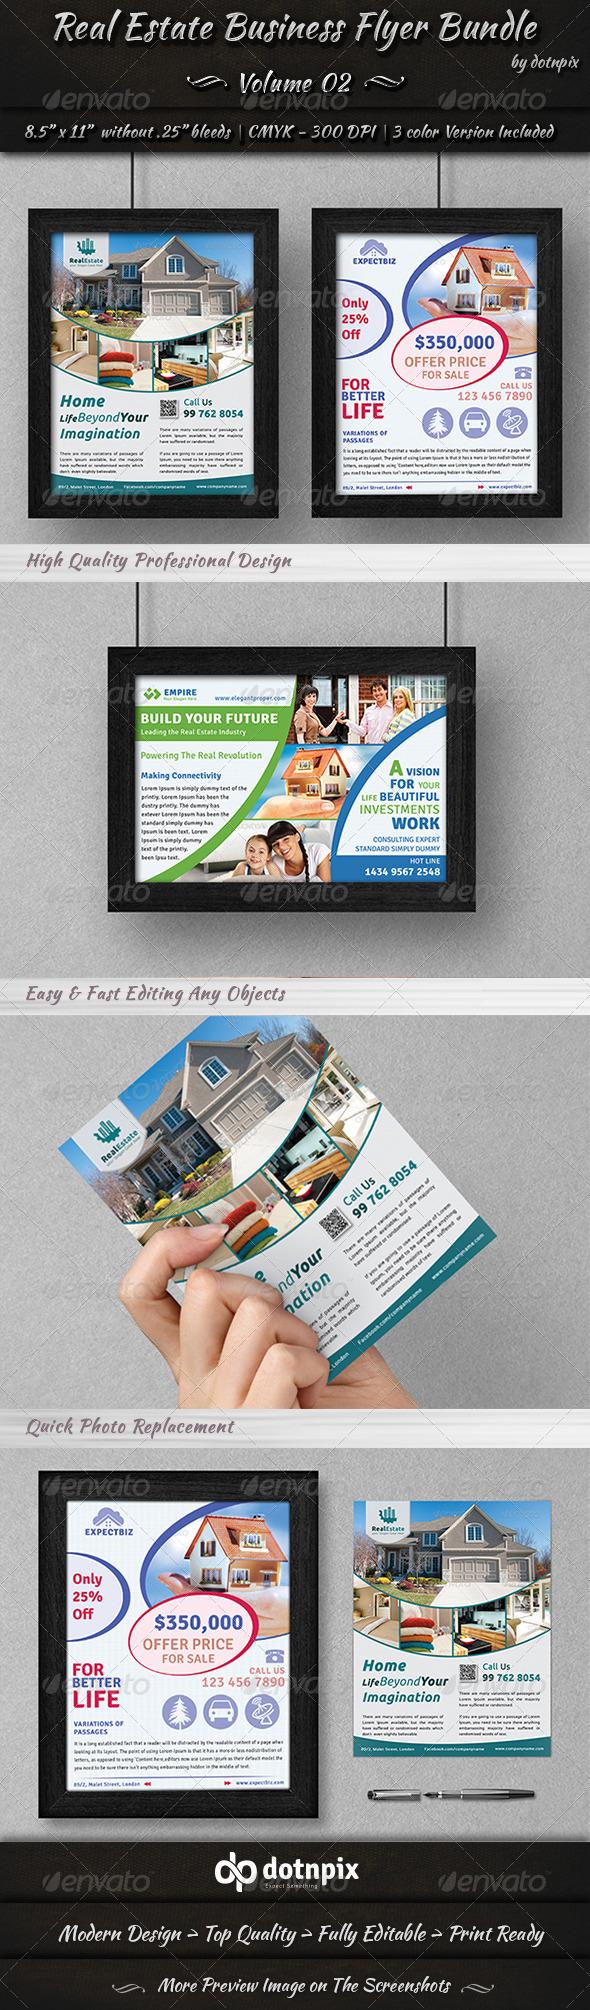 Real Estate Business Flyer Bundle Volume 2